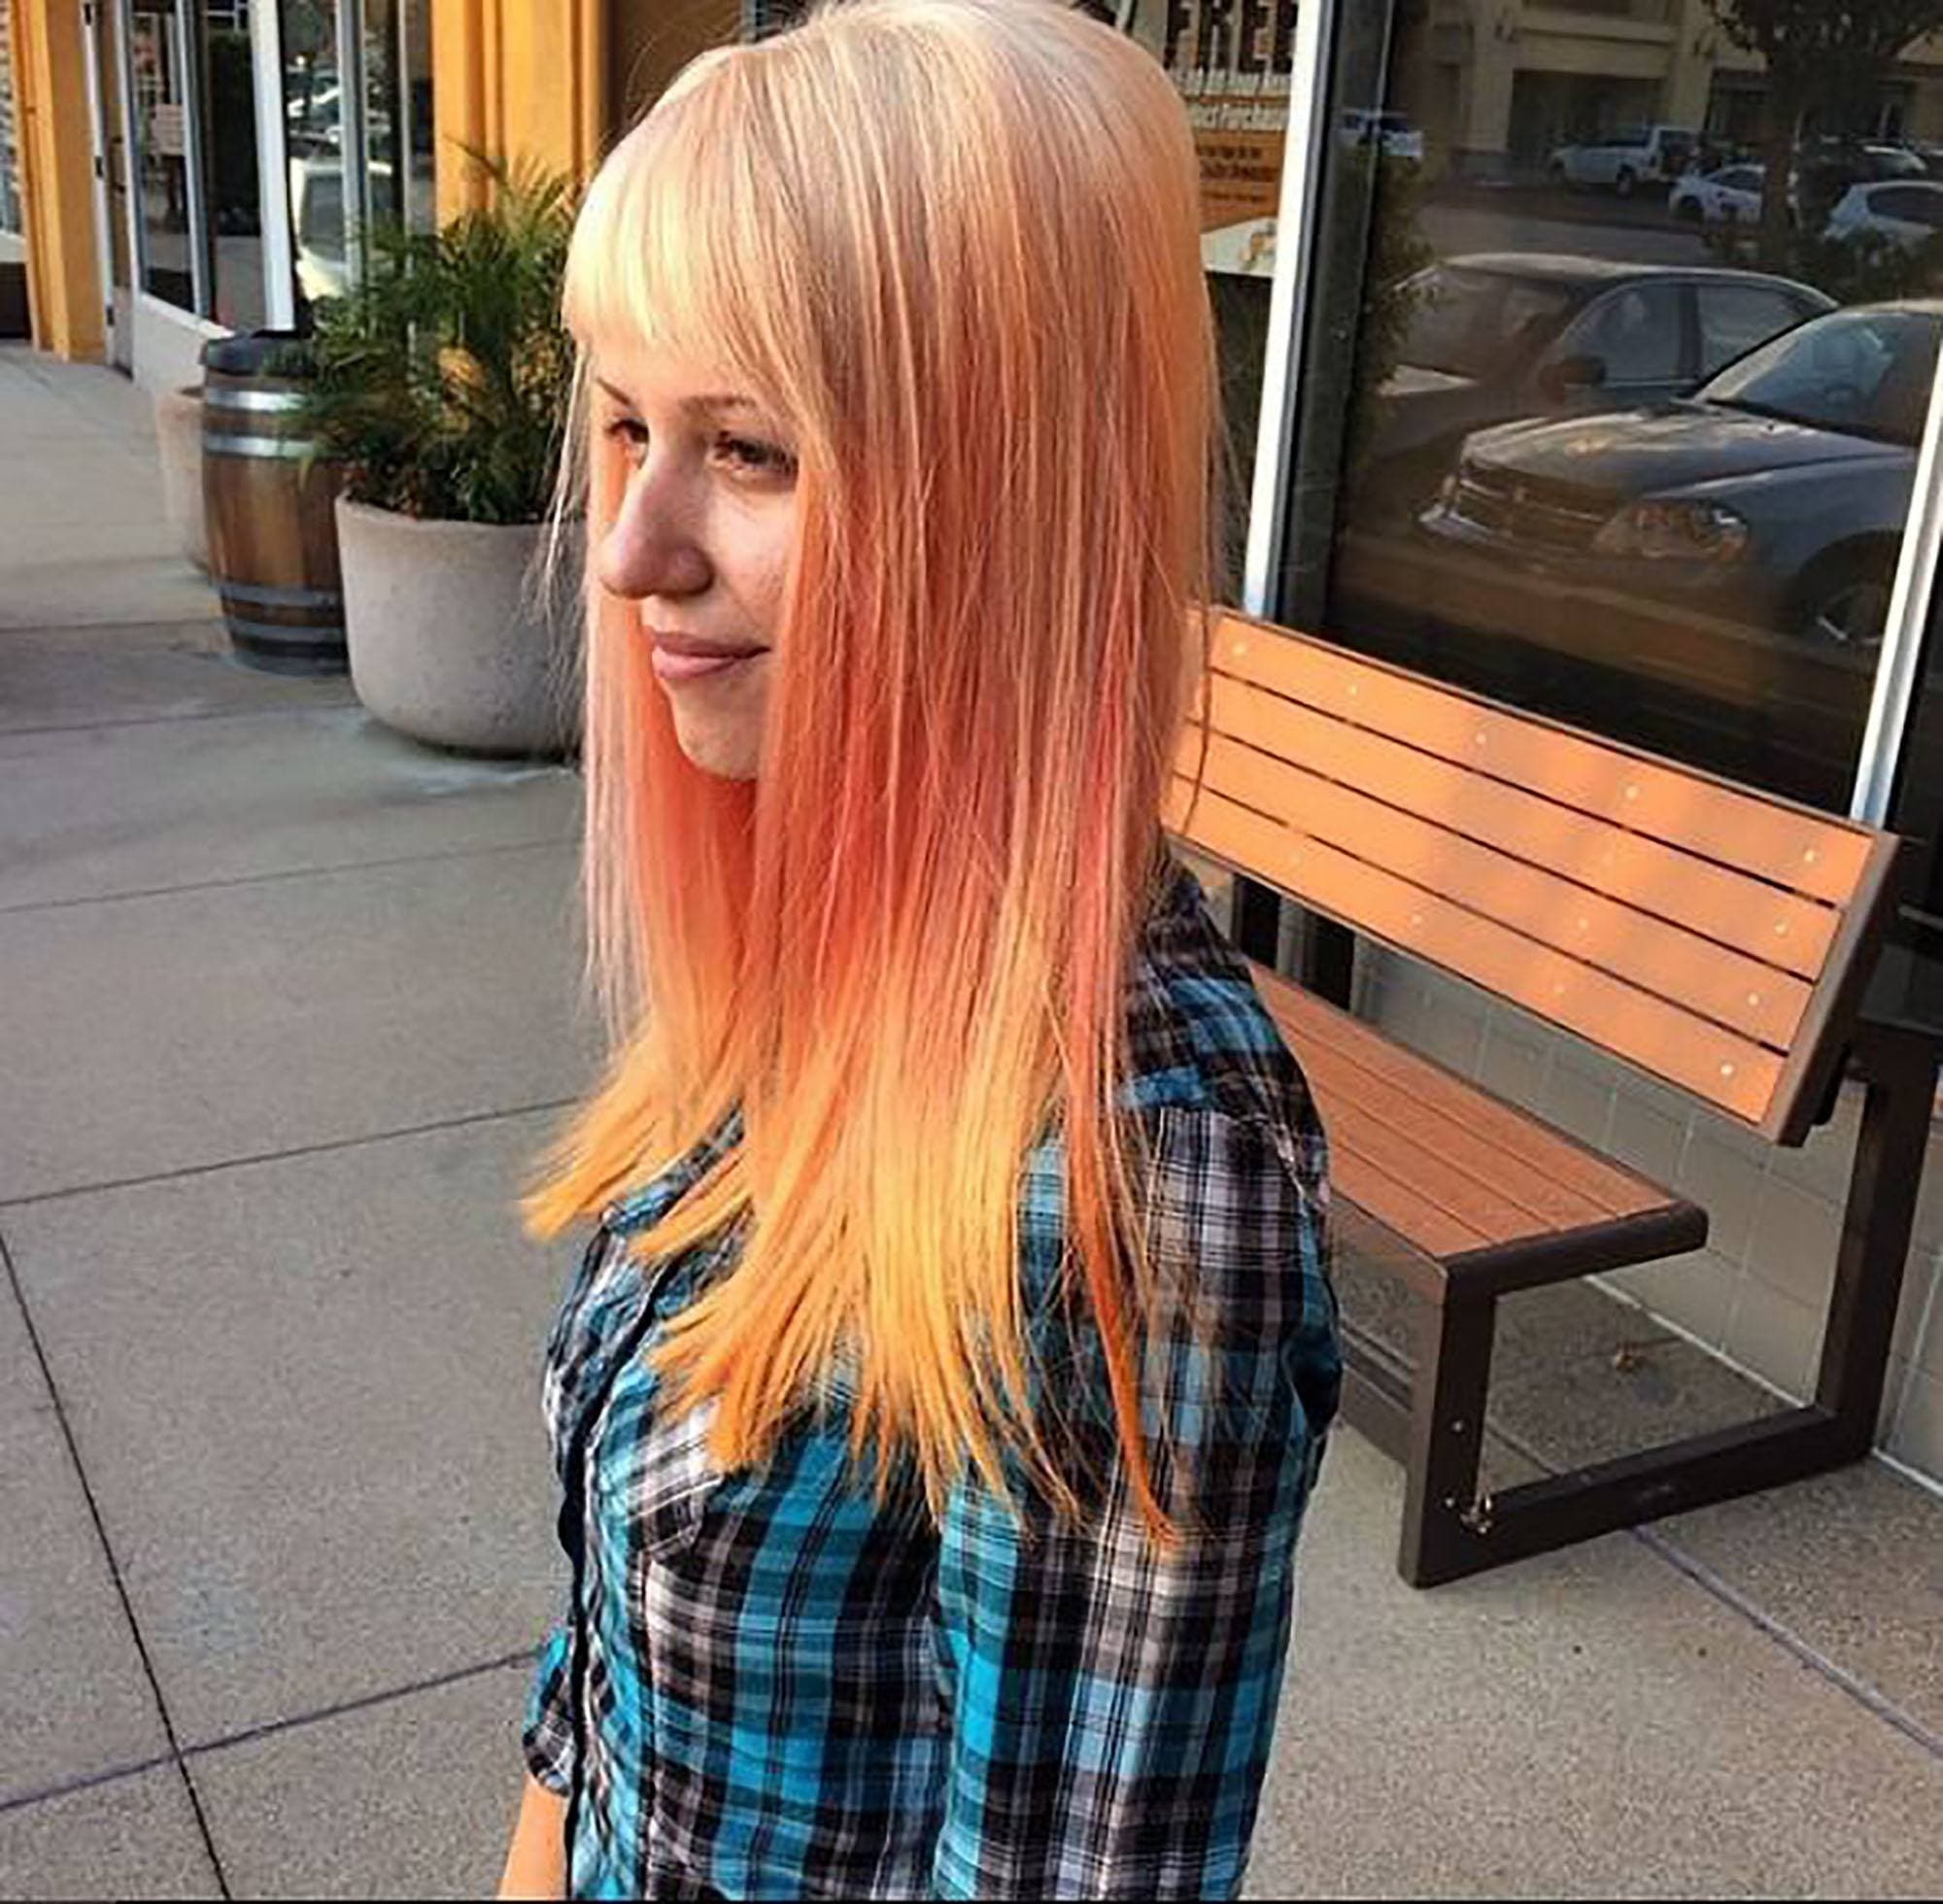 modelo com cabelo com cor de drinks